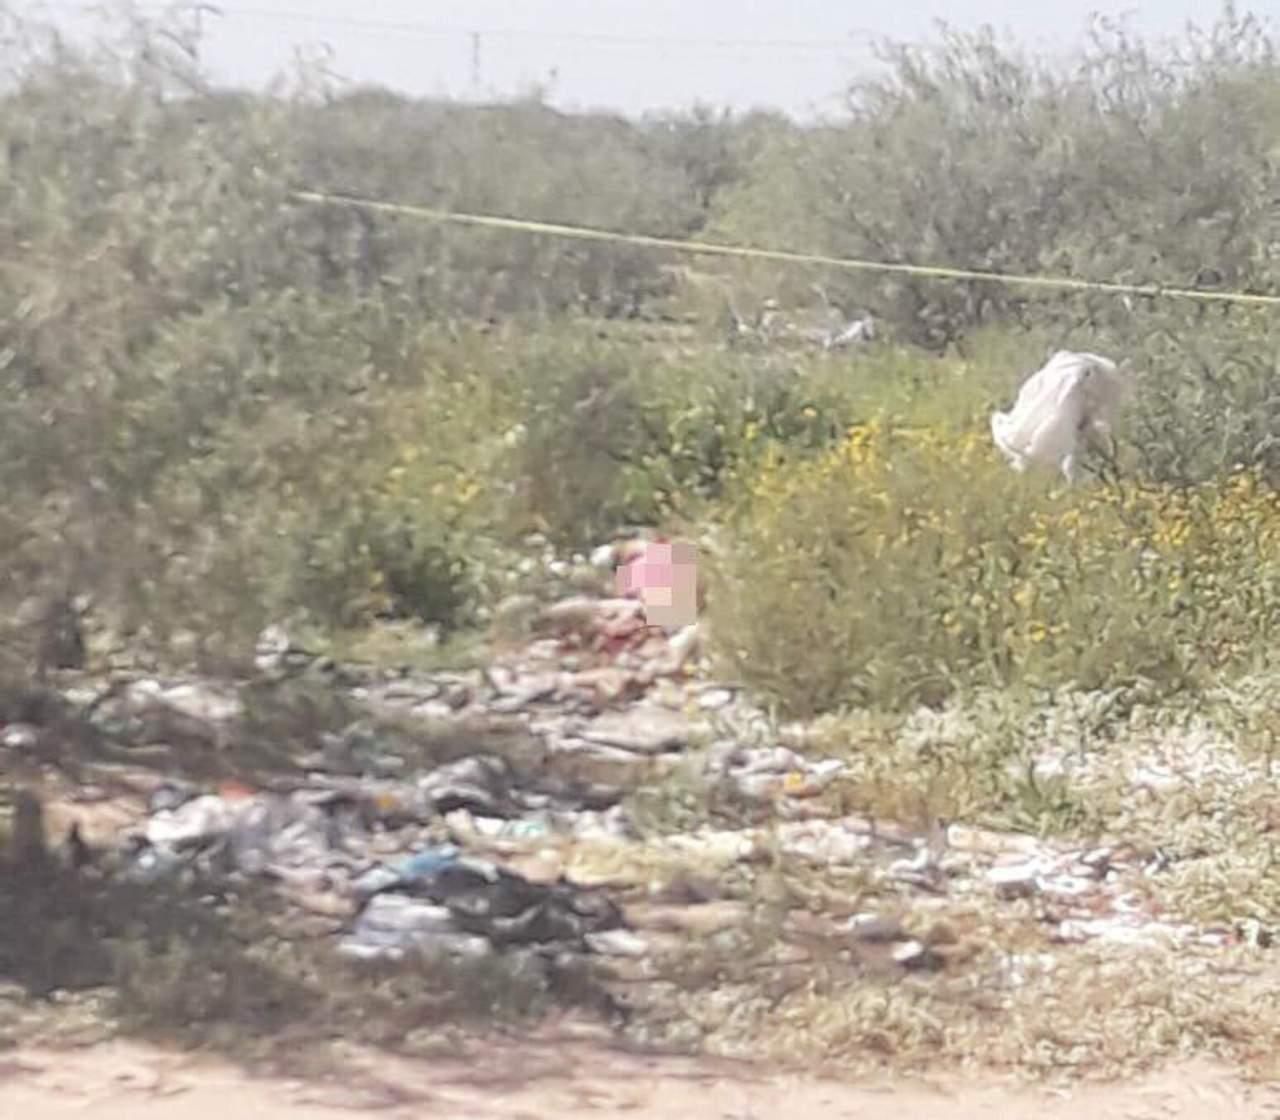 Localizan cadáver de mujer con huellas de violencia en Matamoros